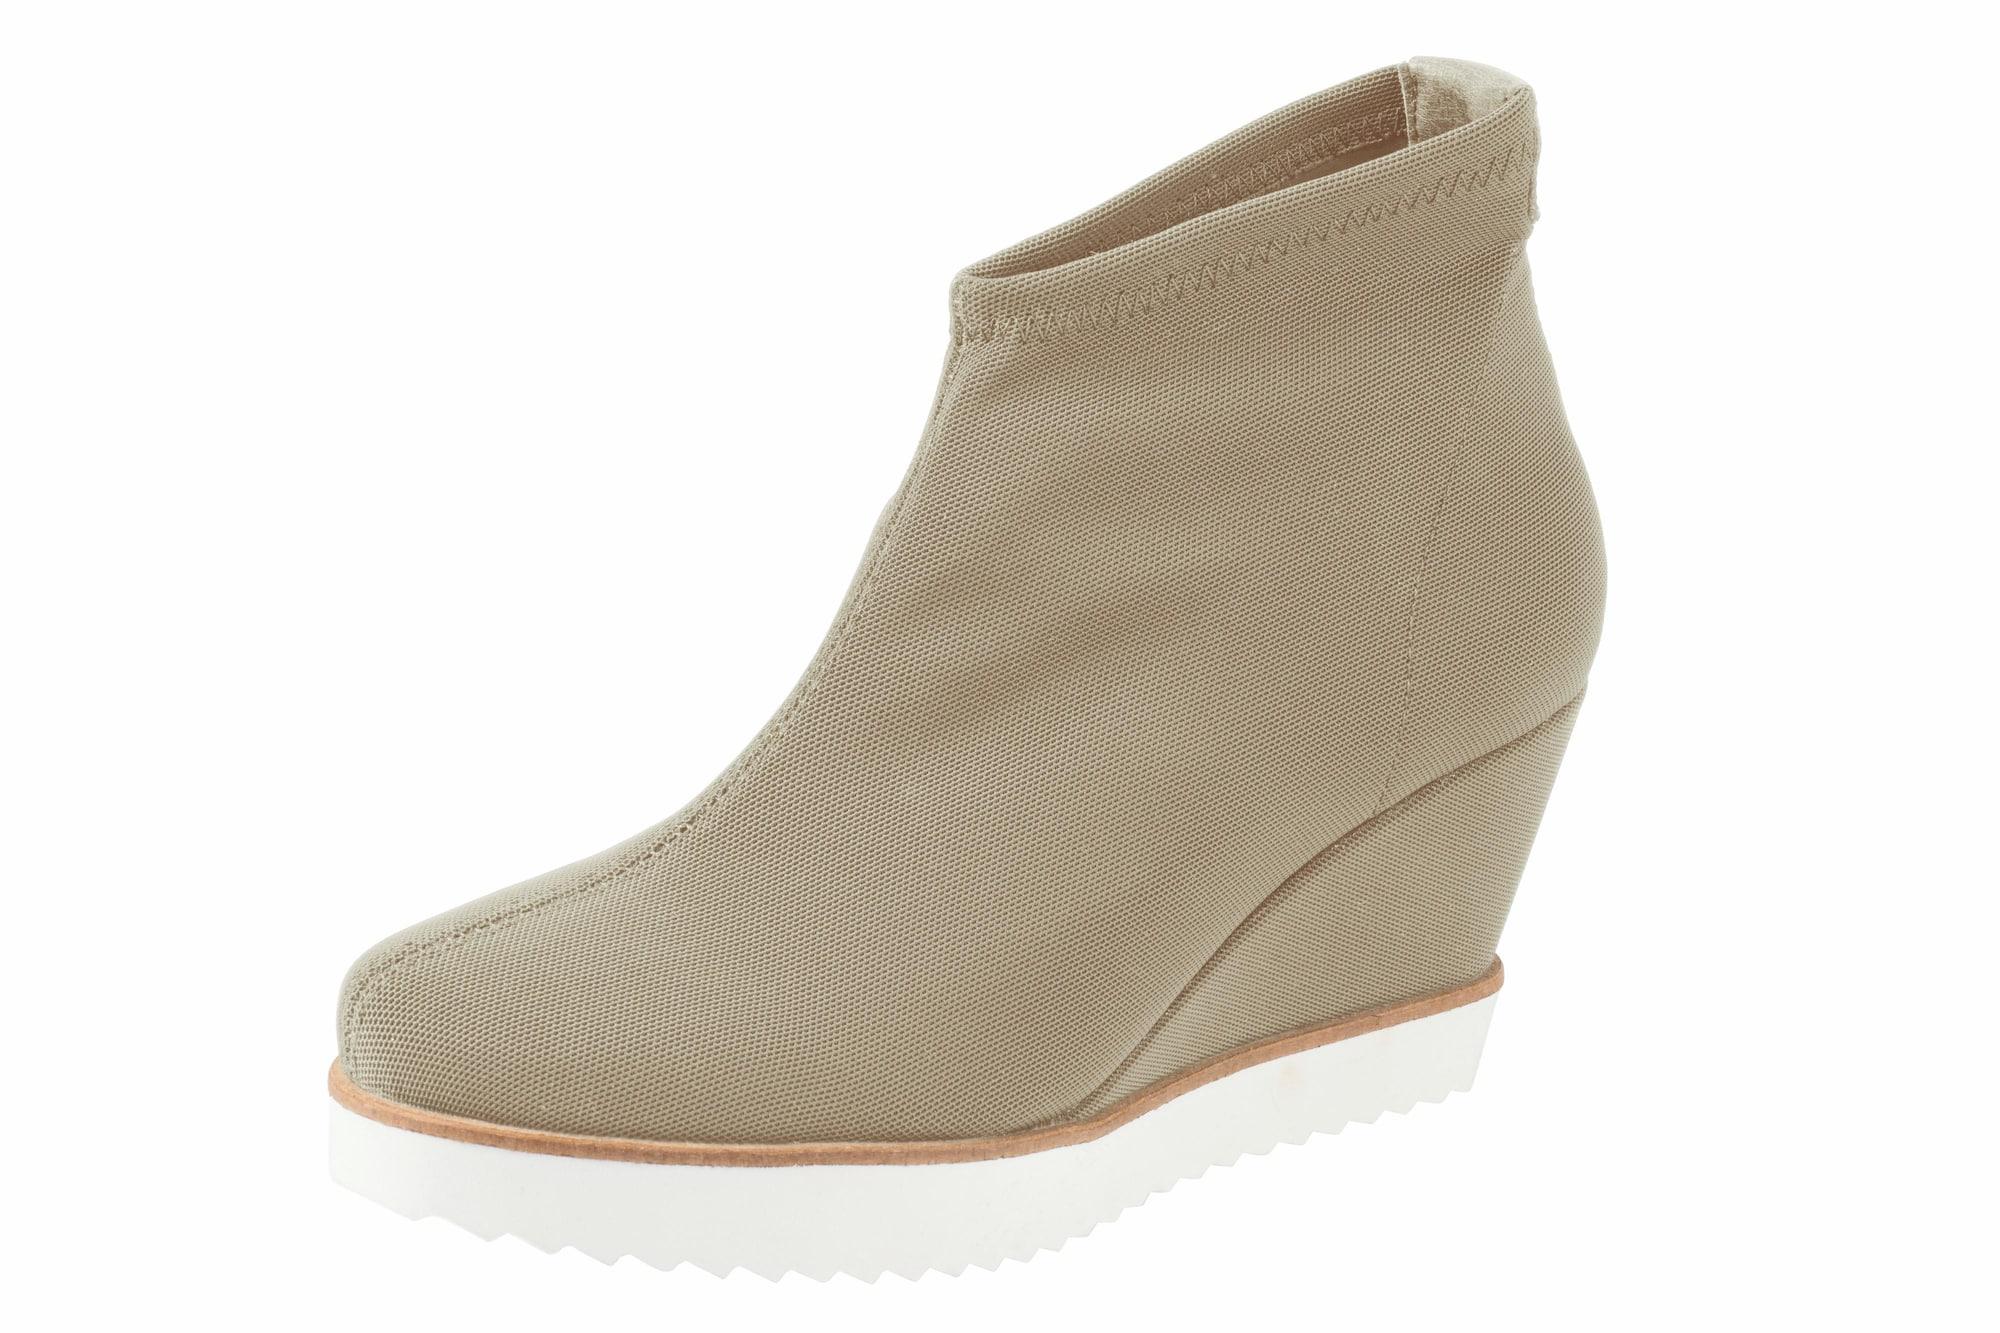 Keilstiefelette aus Stretch-Ware | Schuhe > Stiefeletten > Keilstiefeletten | Taupe | heine